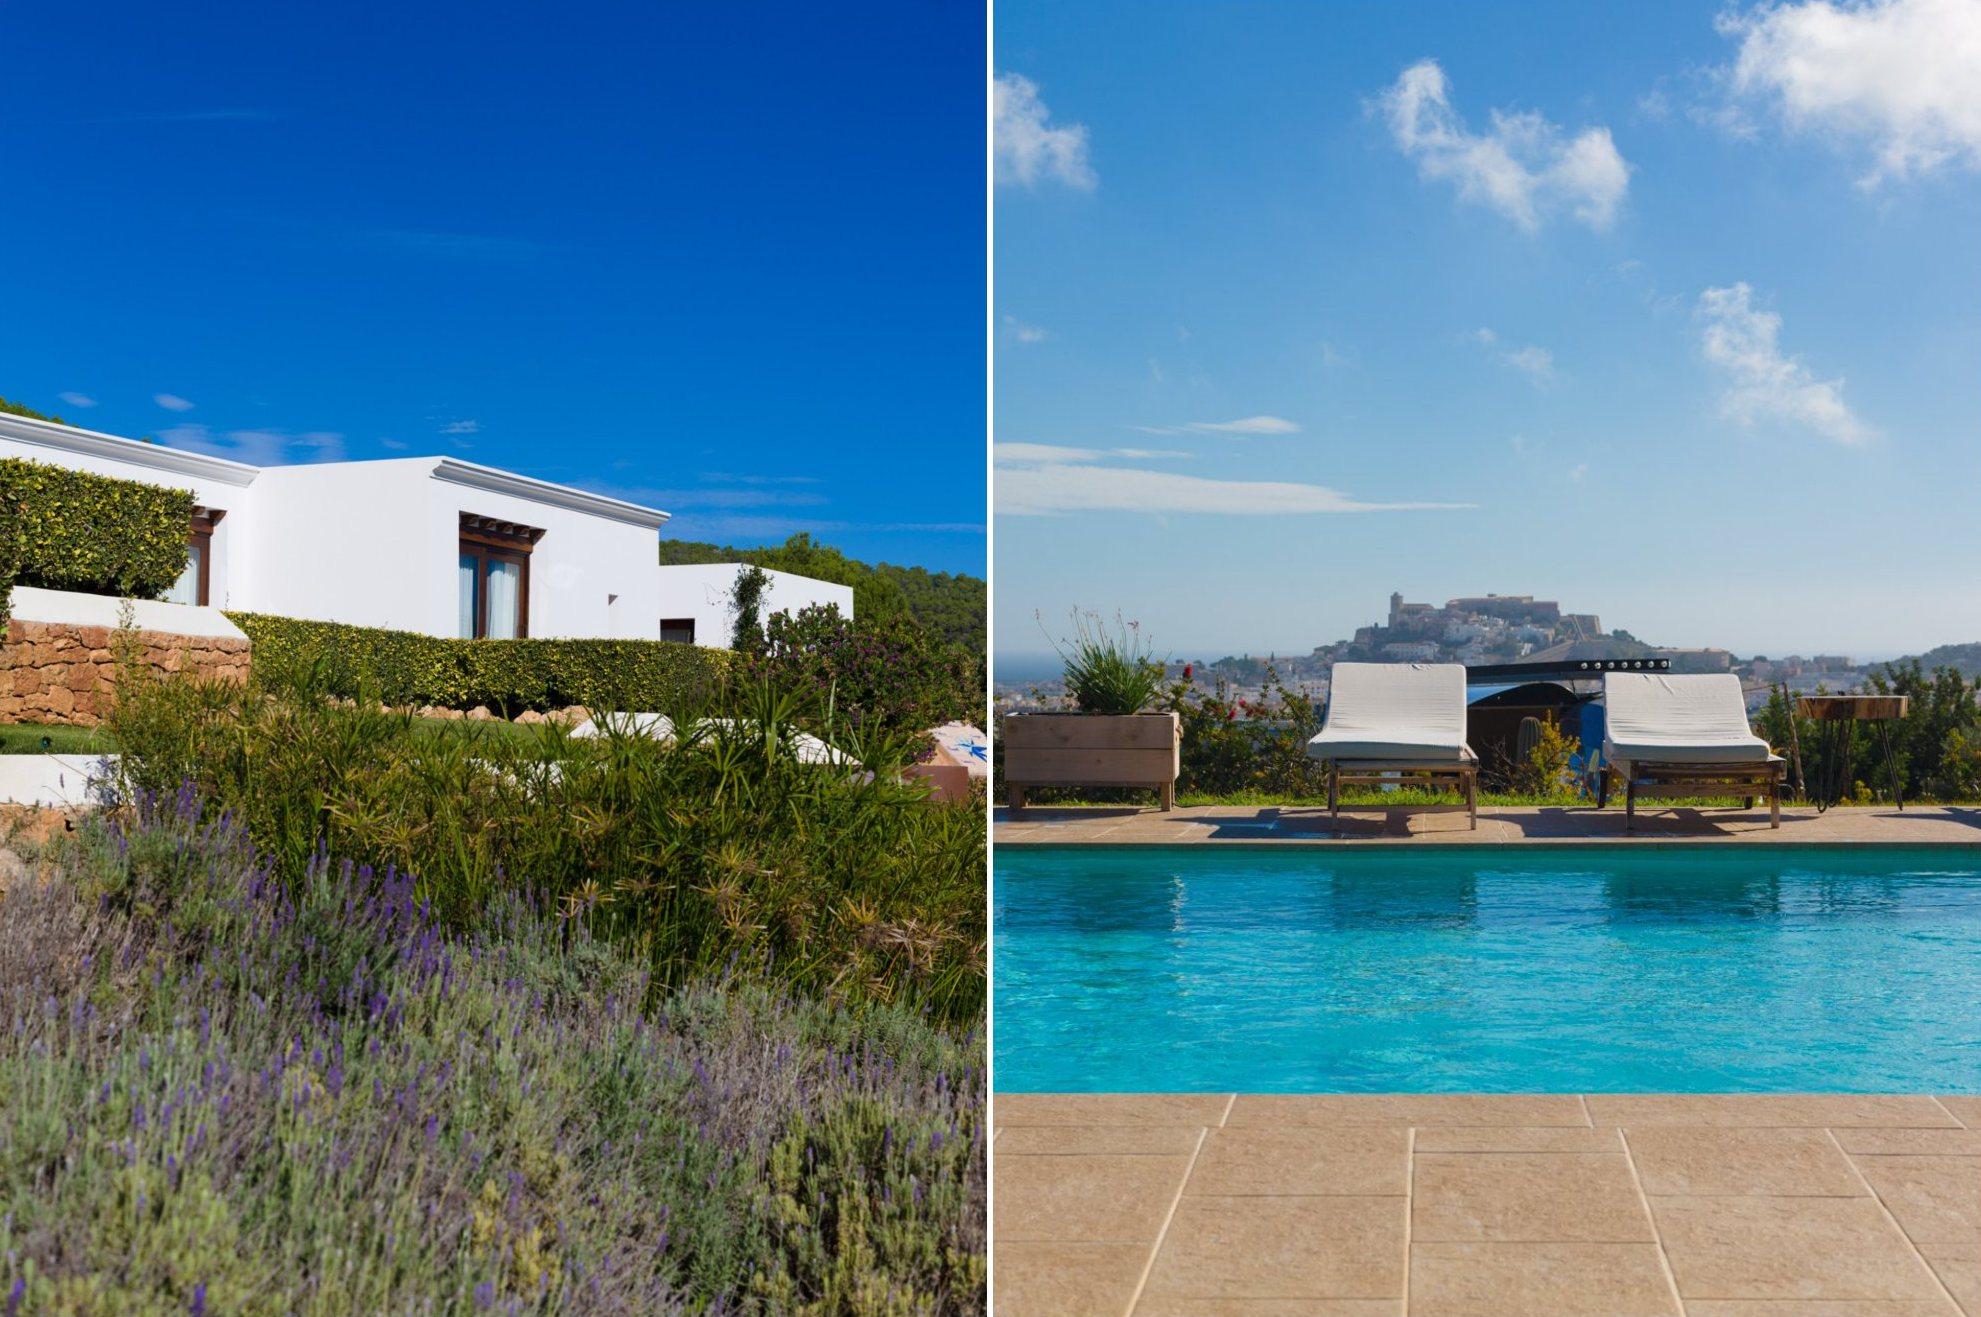 Las villas están rodeadas de árboles frutales, olivos. algarrobos y jardines de lavanda.